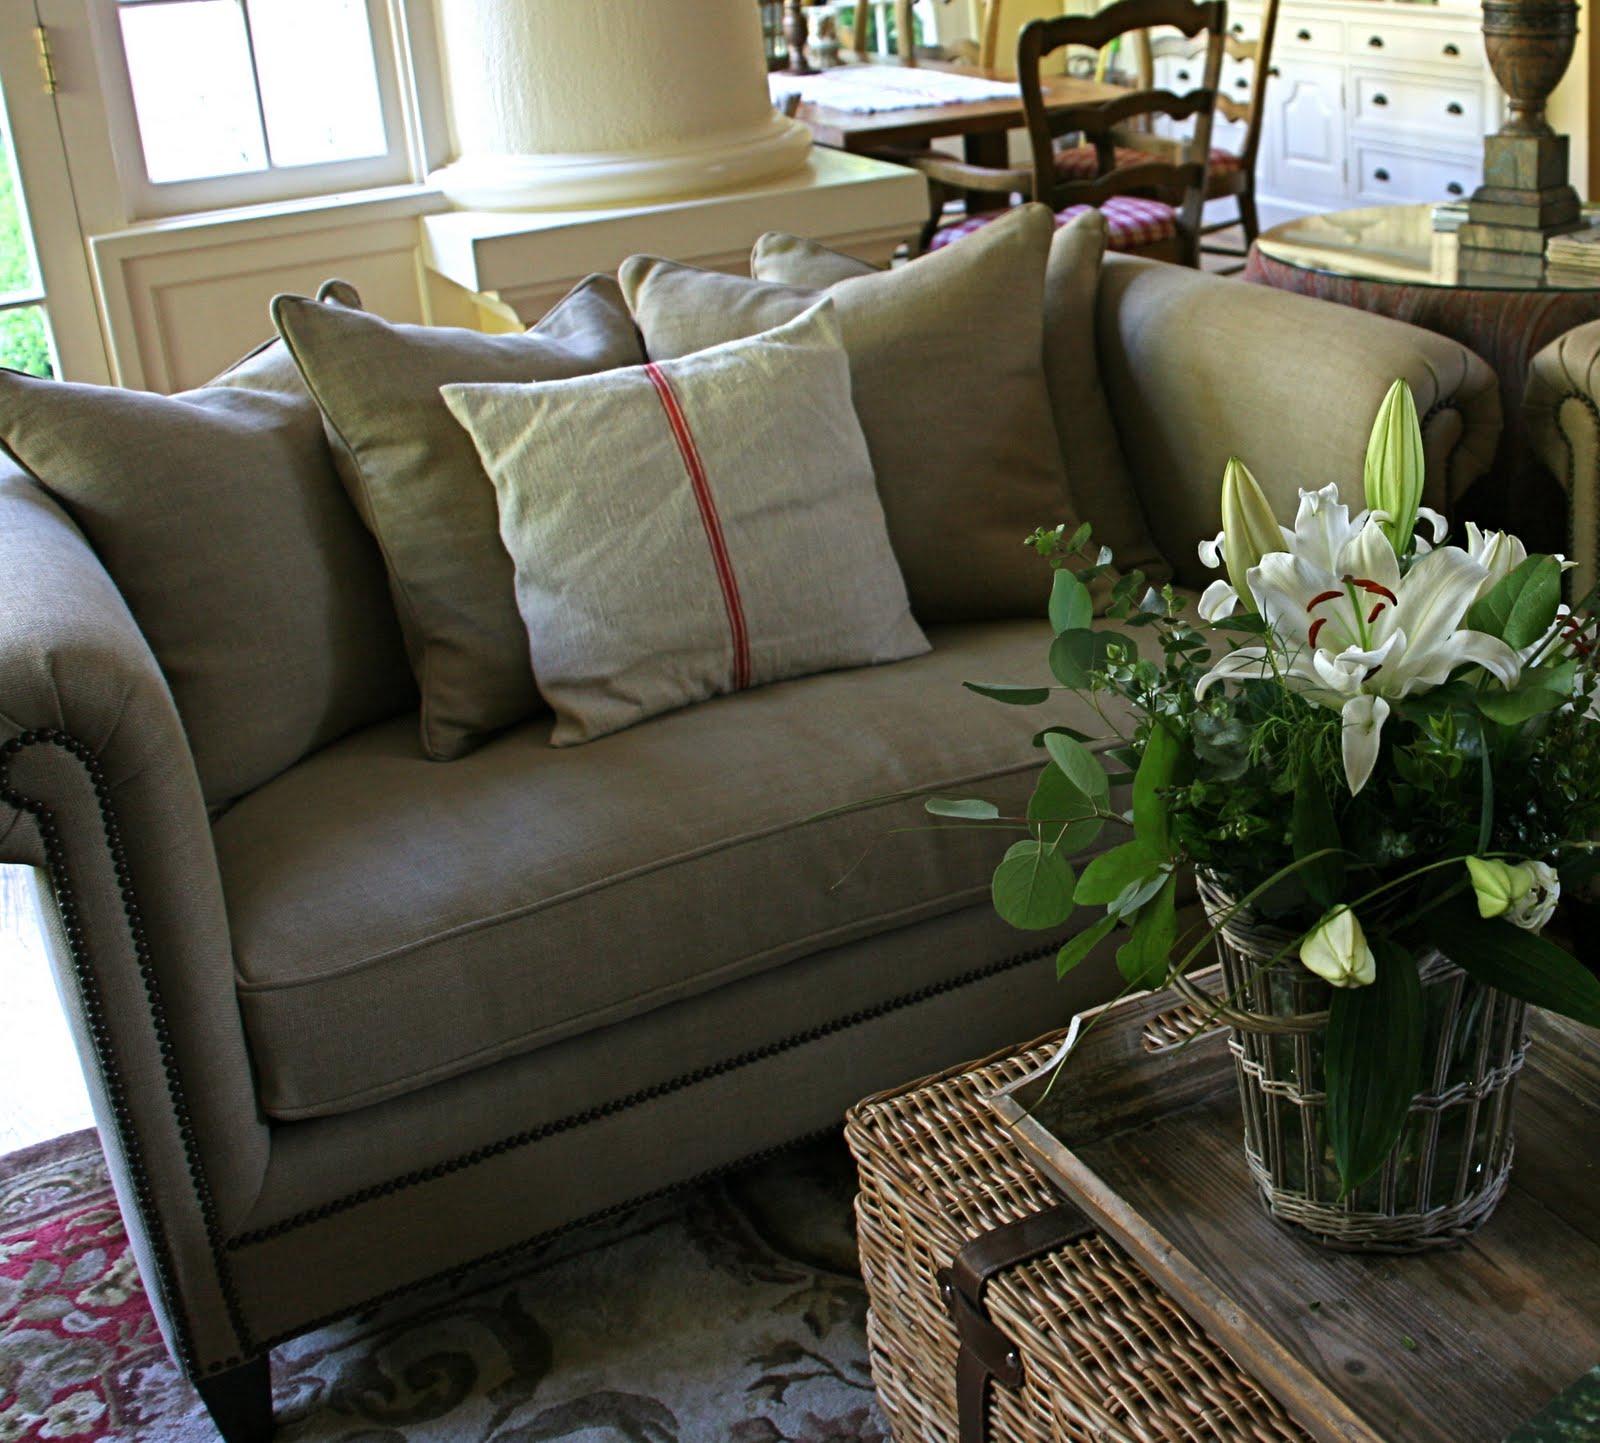 vignette design: The Family Room Reveal: New Sofa and Loveseat